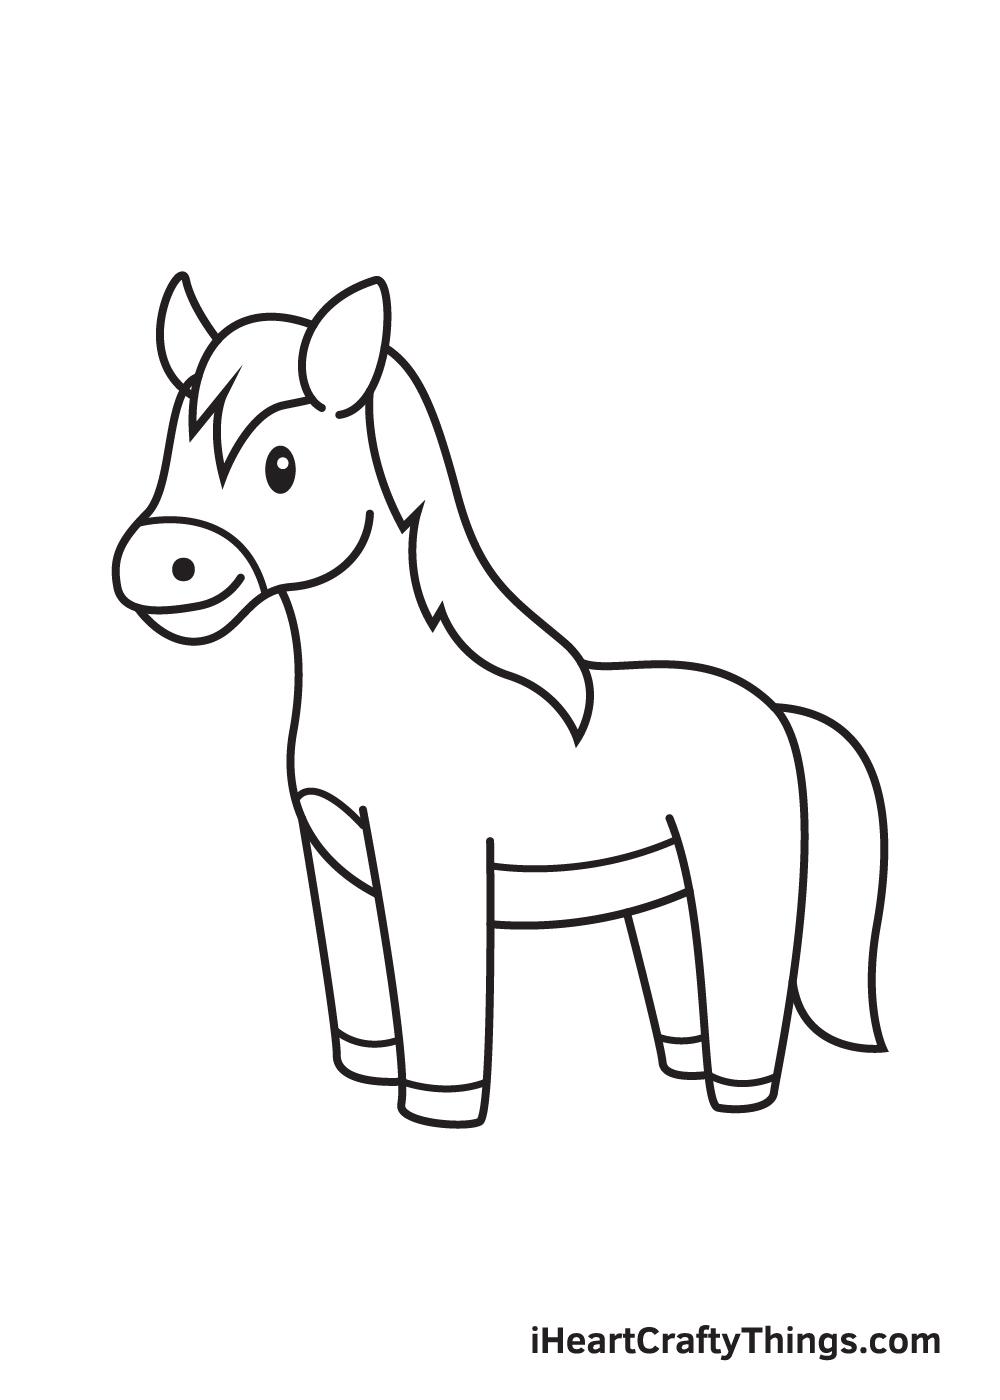 vẽ ngựa - bước 9